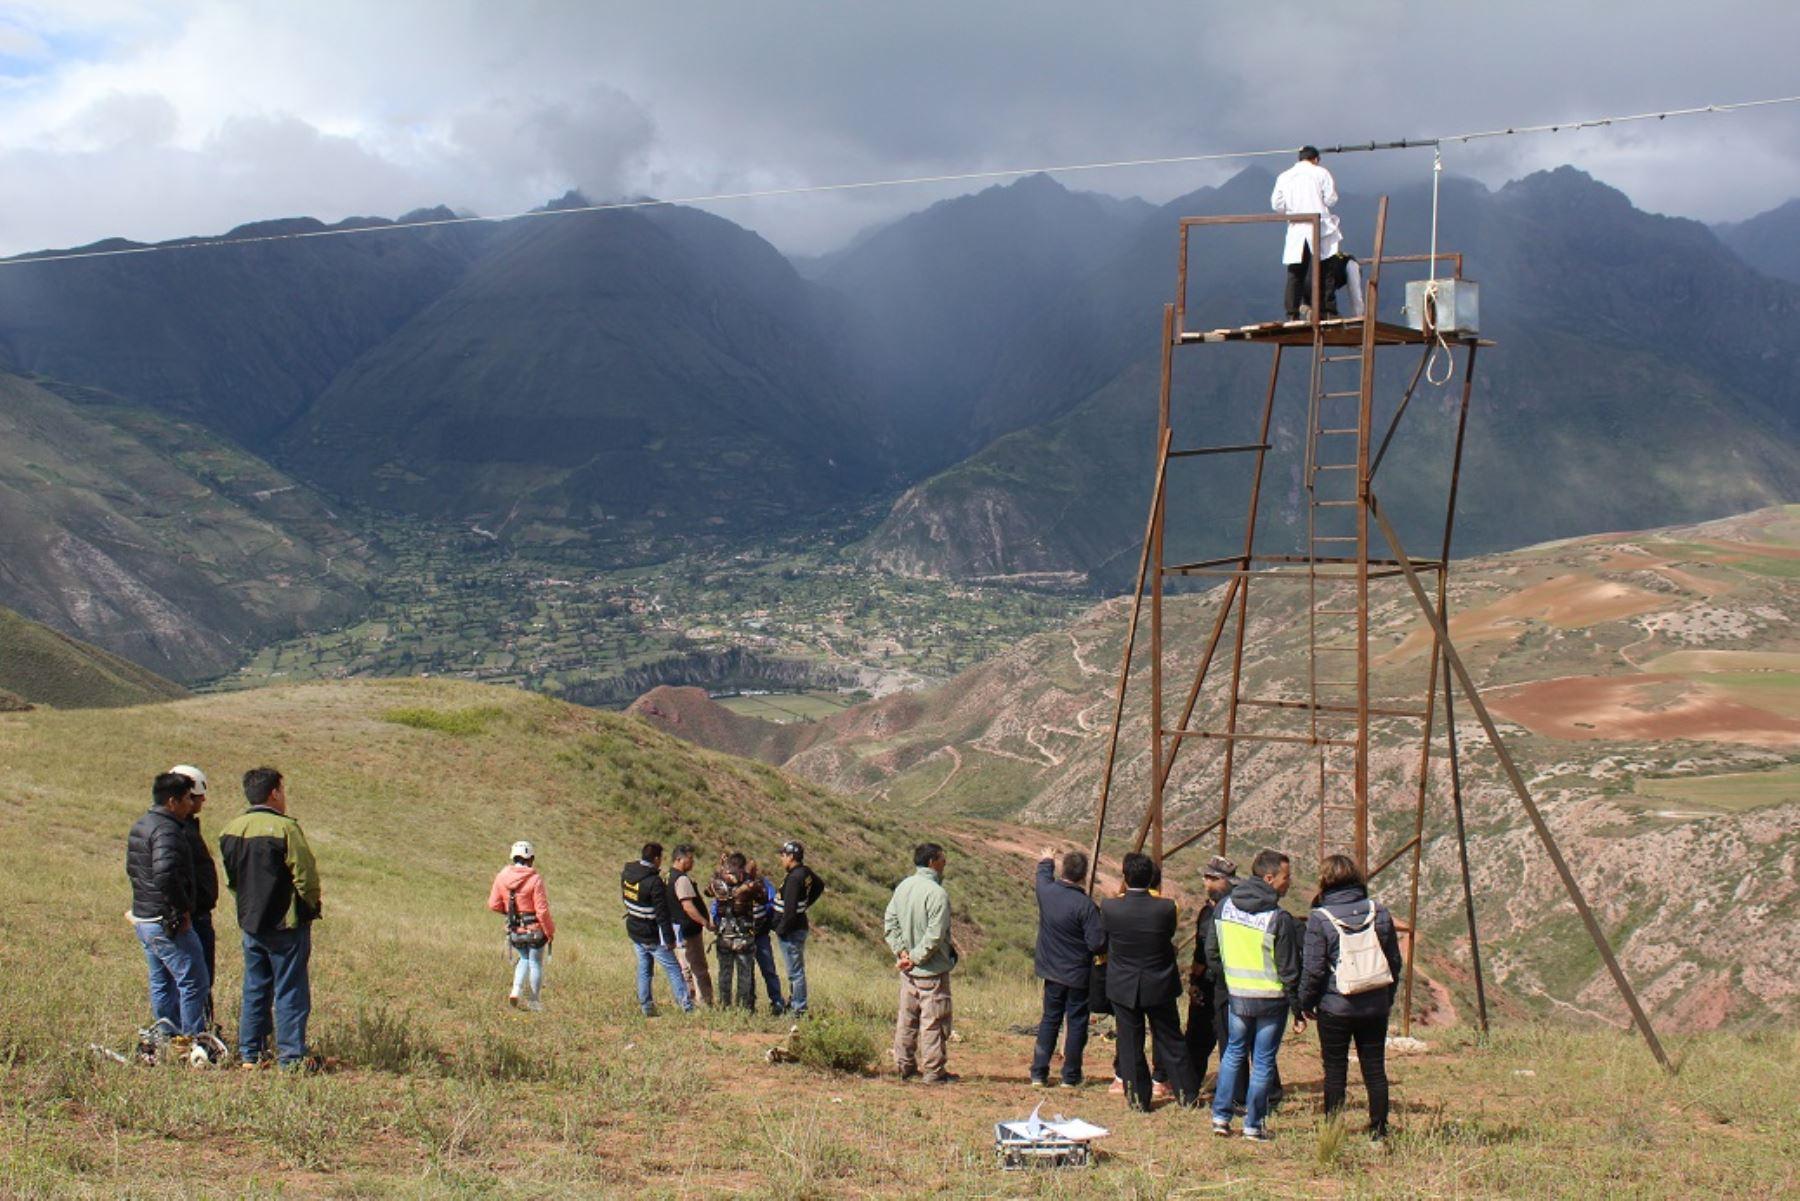 Anuncian operativos en Cusco para erradicar informalidad en turismo de aventura. ANDINA/Percy Hurtado